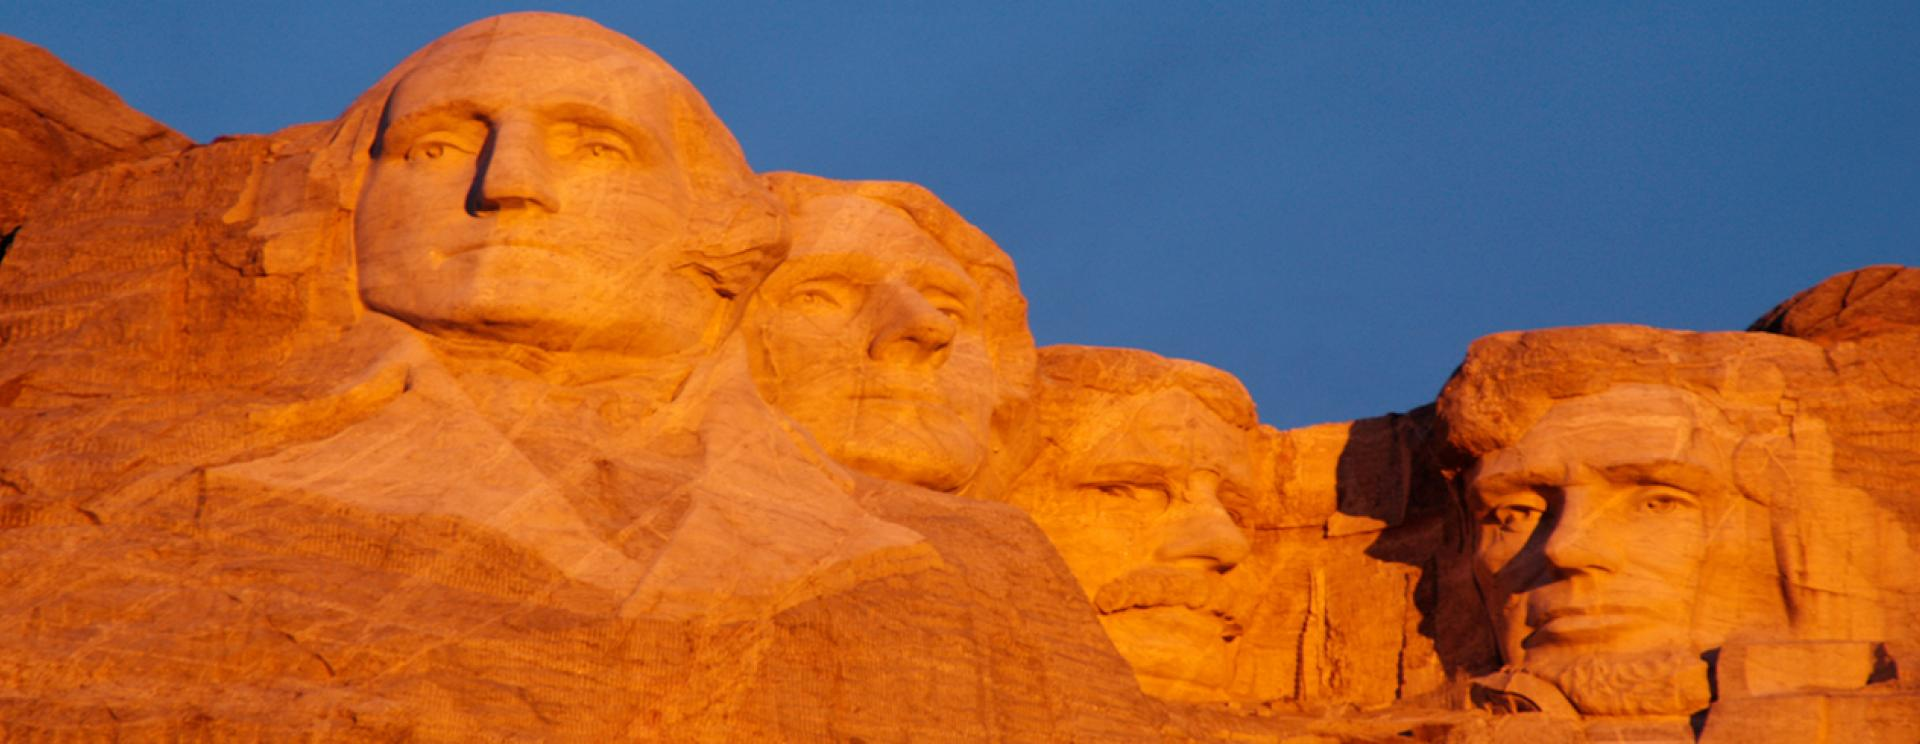 Parks | Mount Rushmore National Memorial